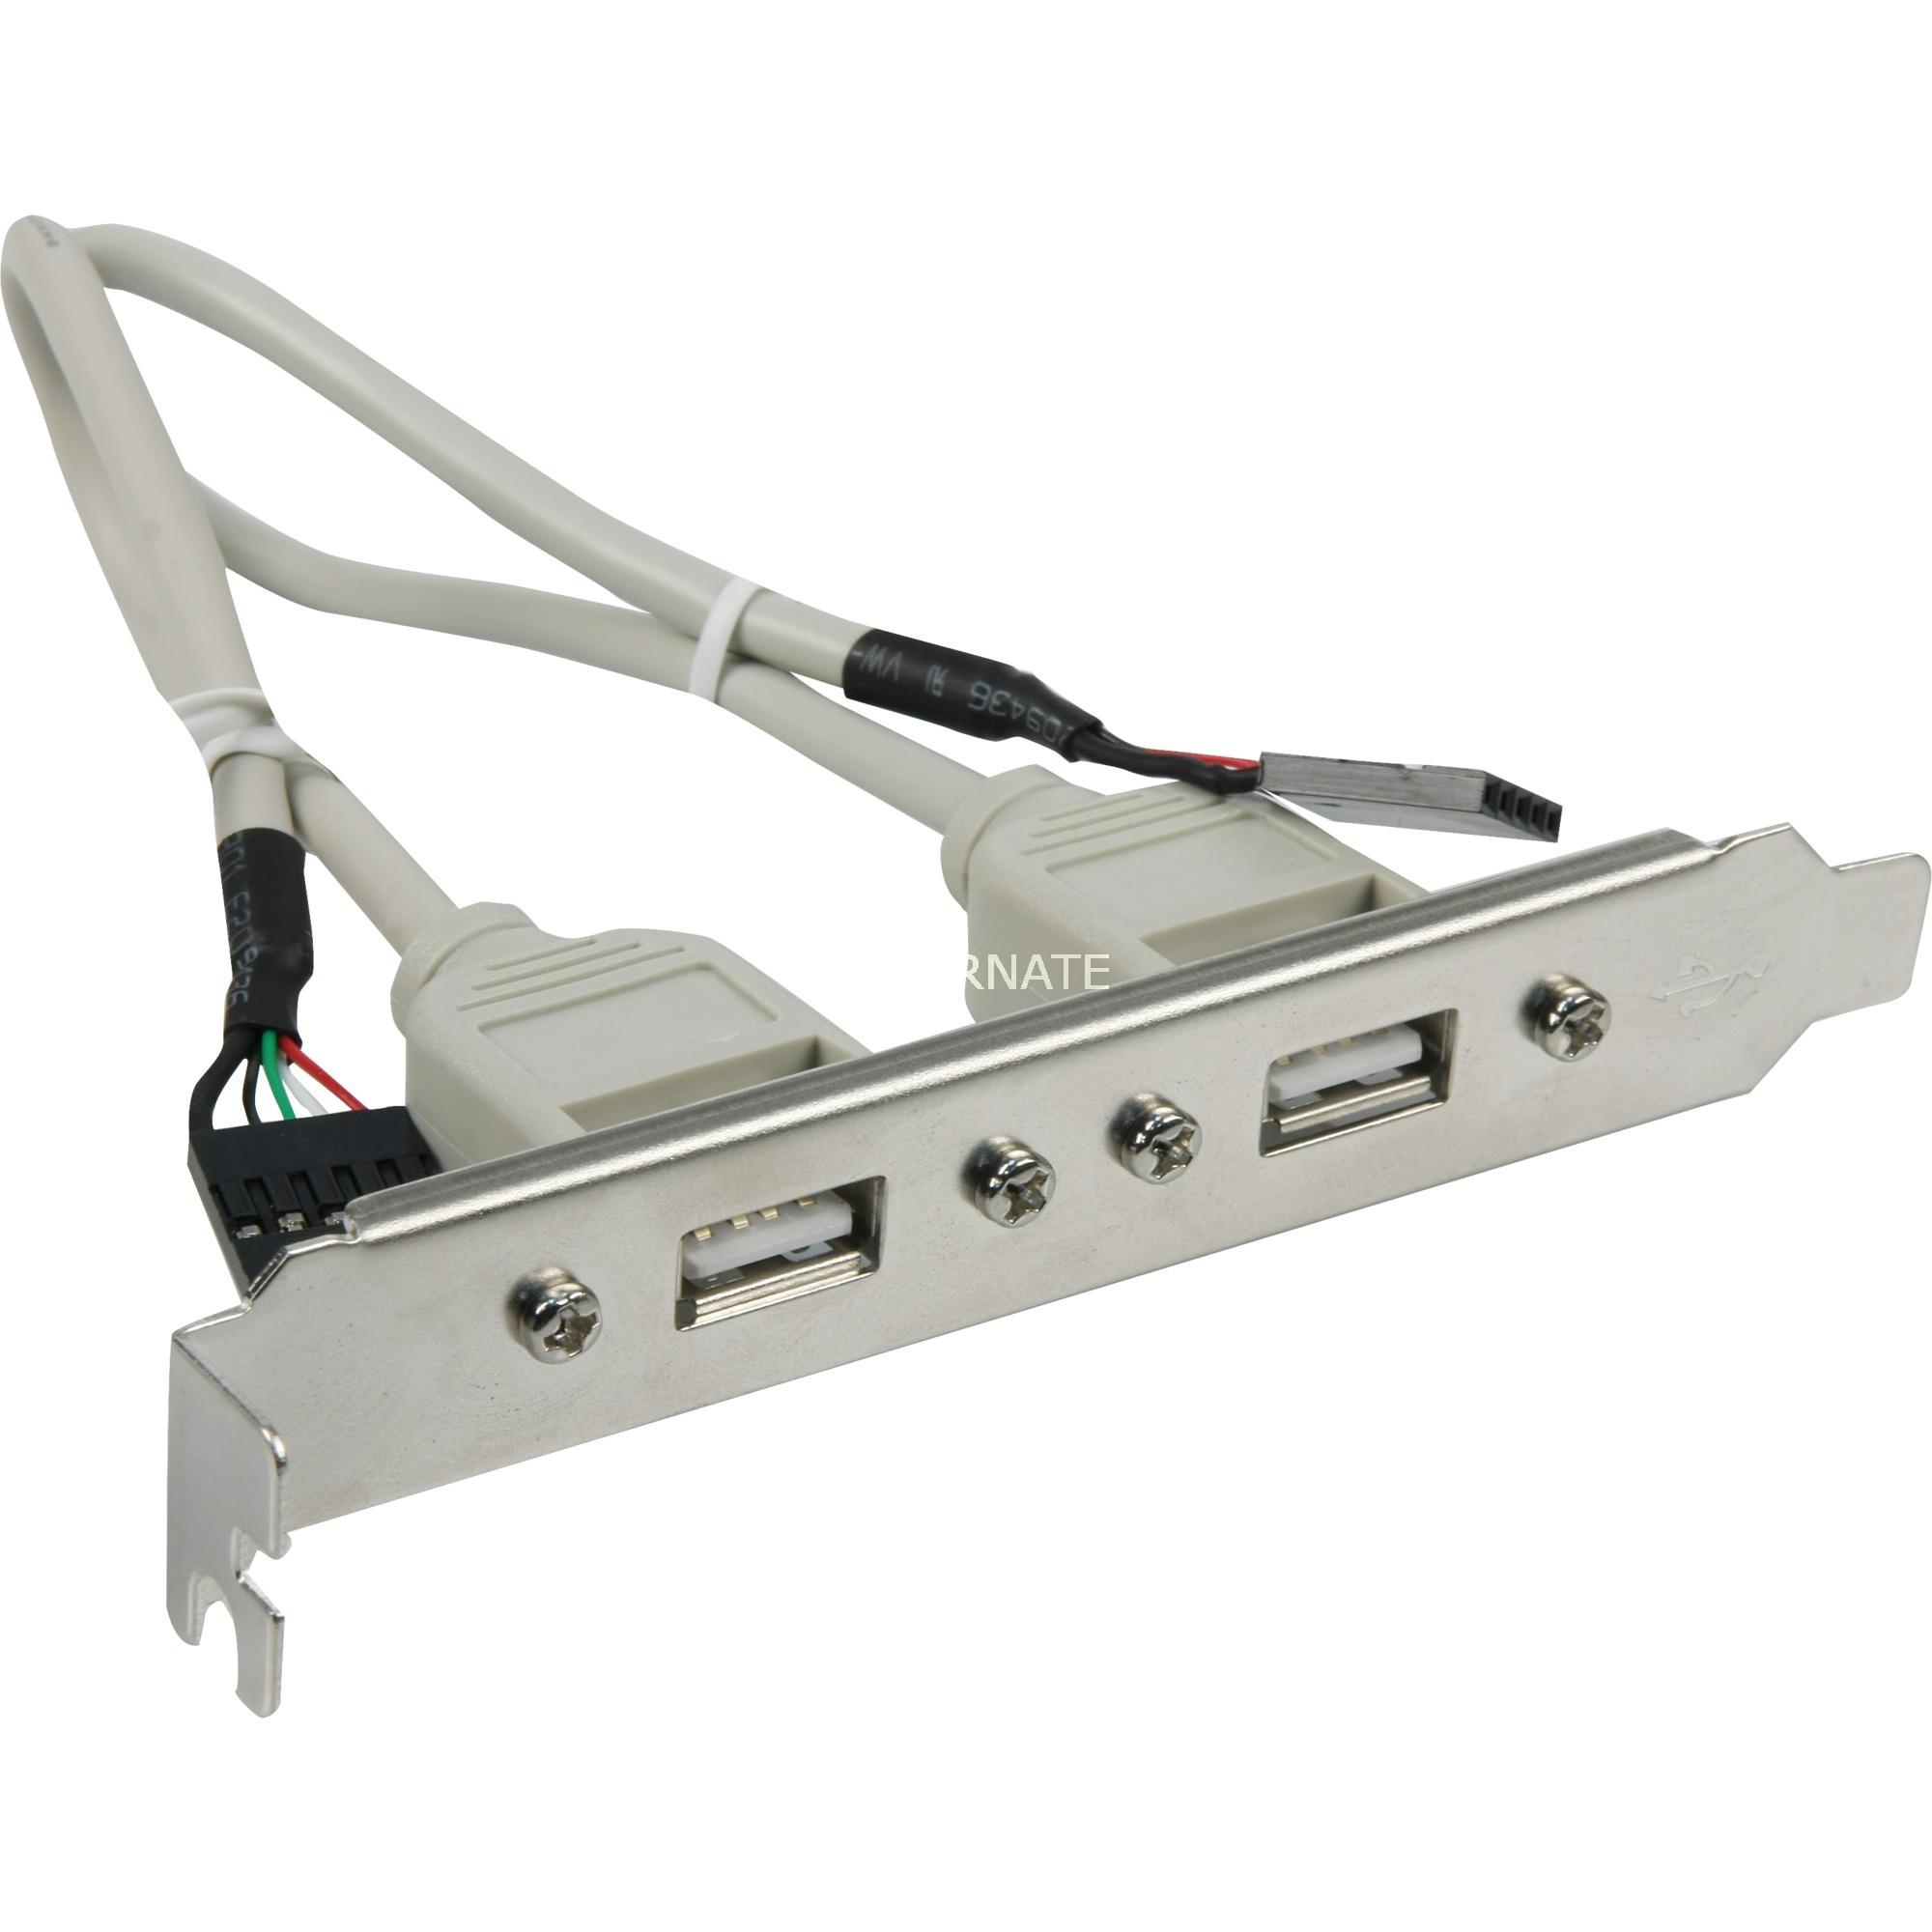 AK-300301-002-E cable para ordenador y periféricos, Tapa de ranura